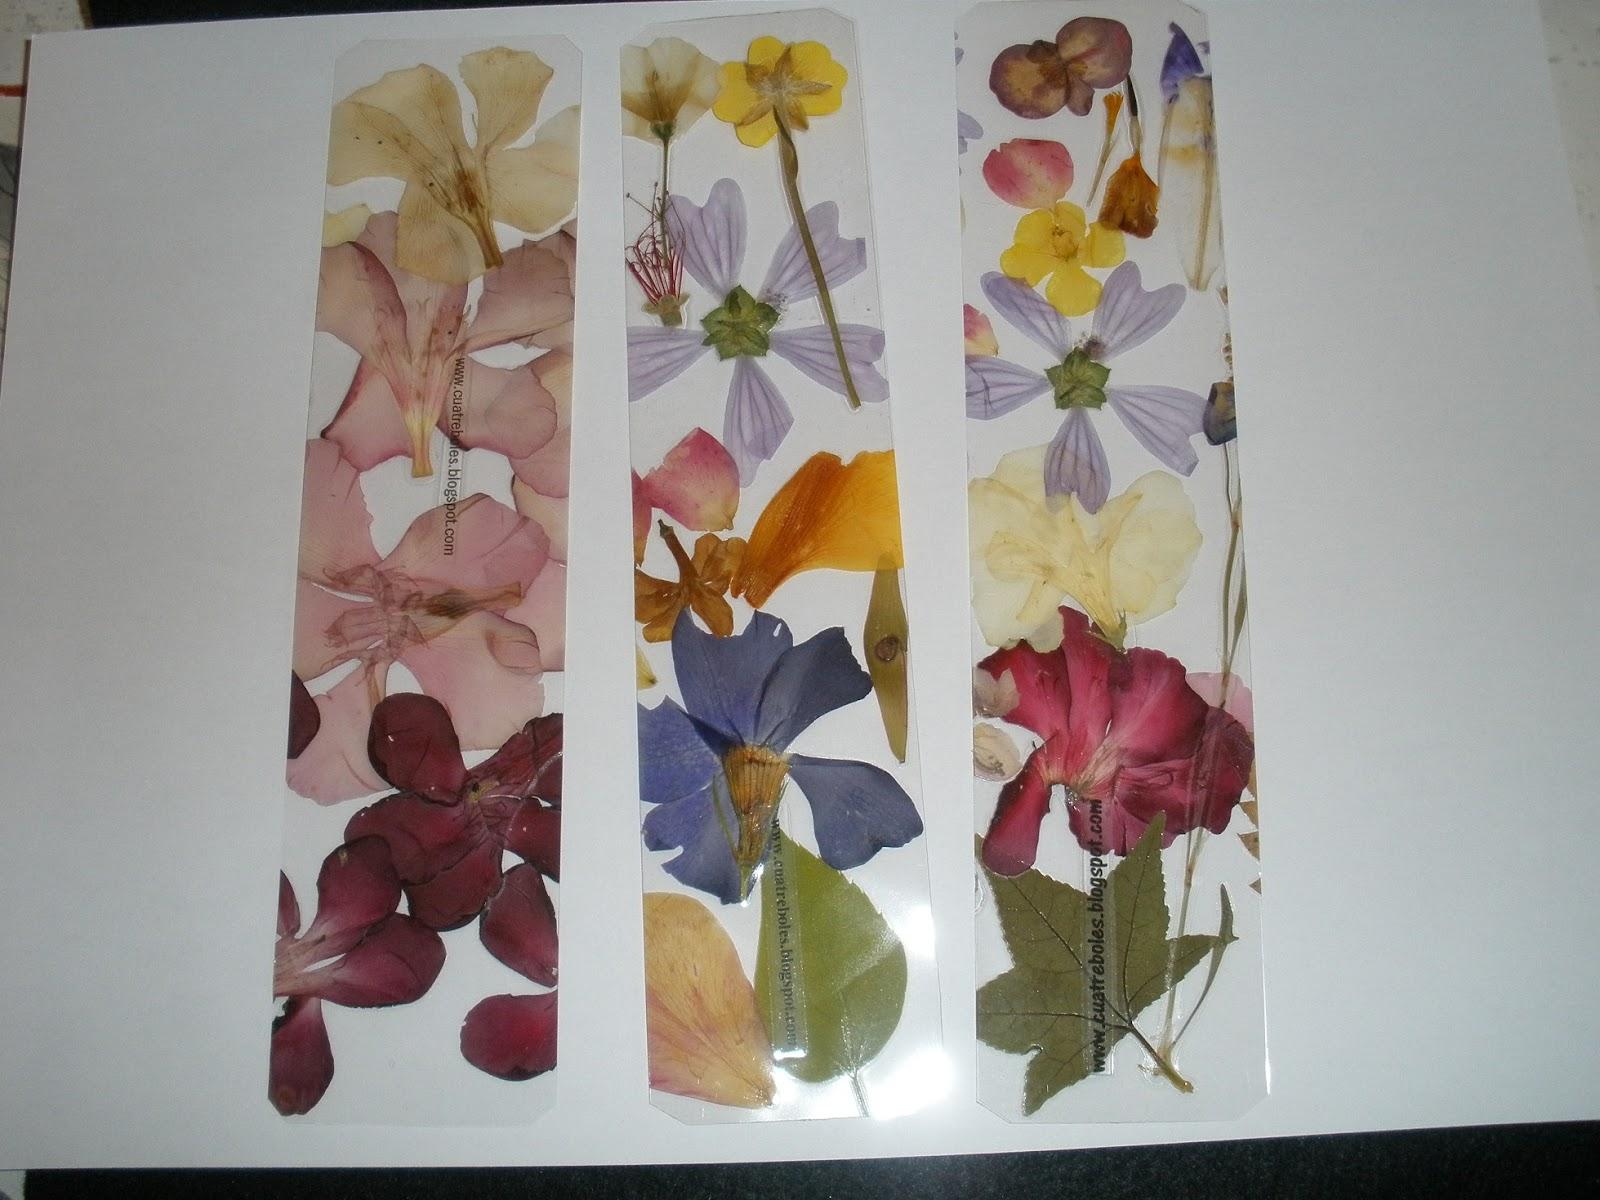 Increíble Cómo Enmarcar Flores Secas Componente - Ideas ...